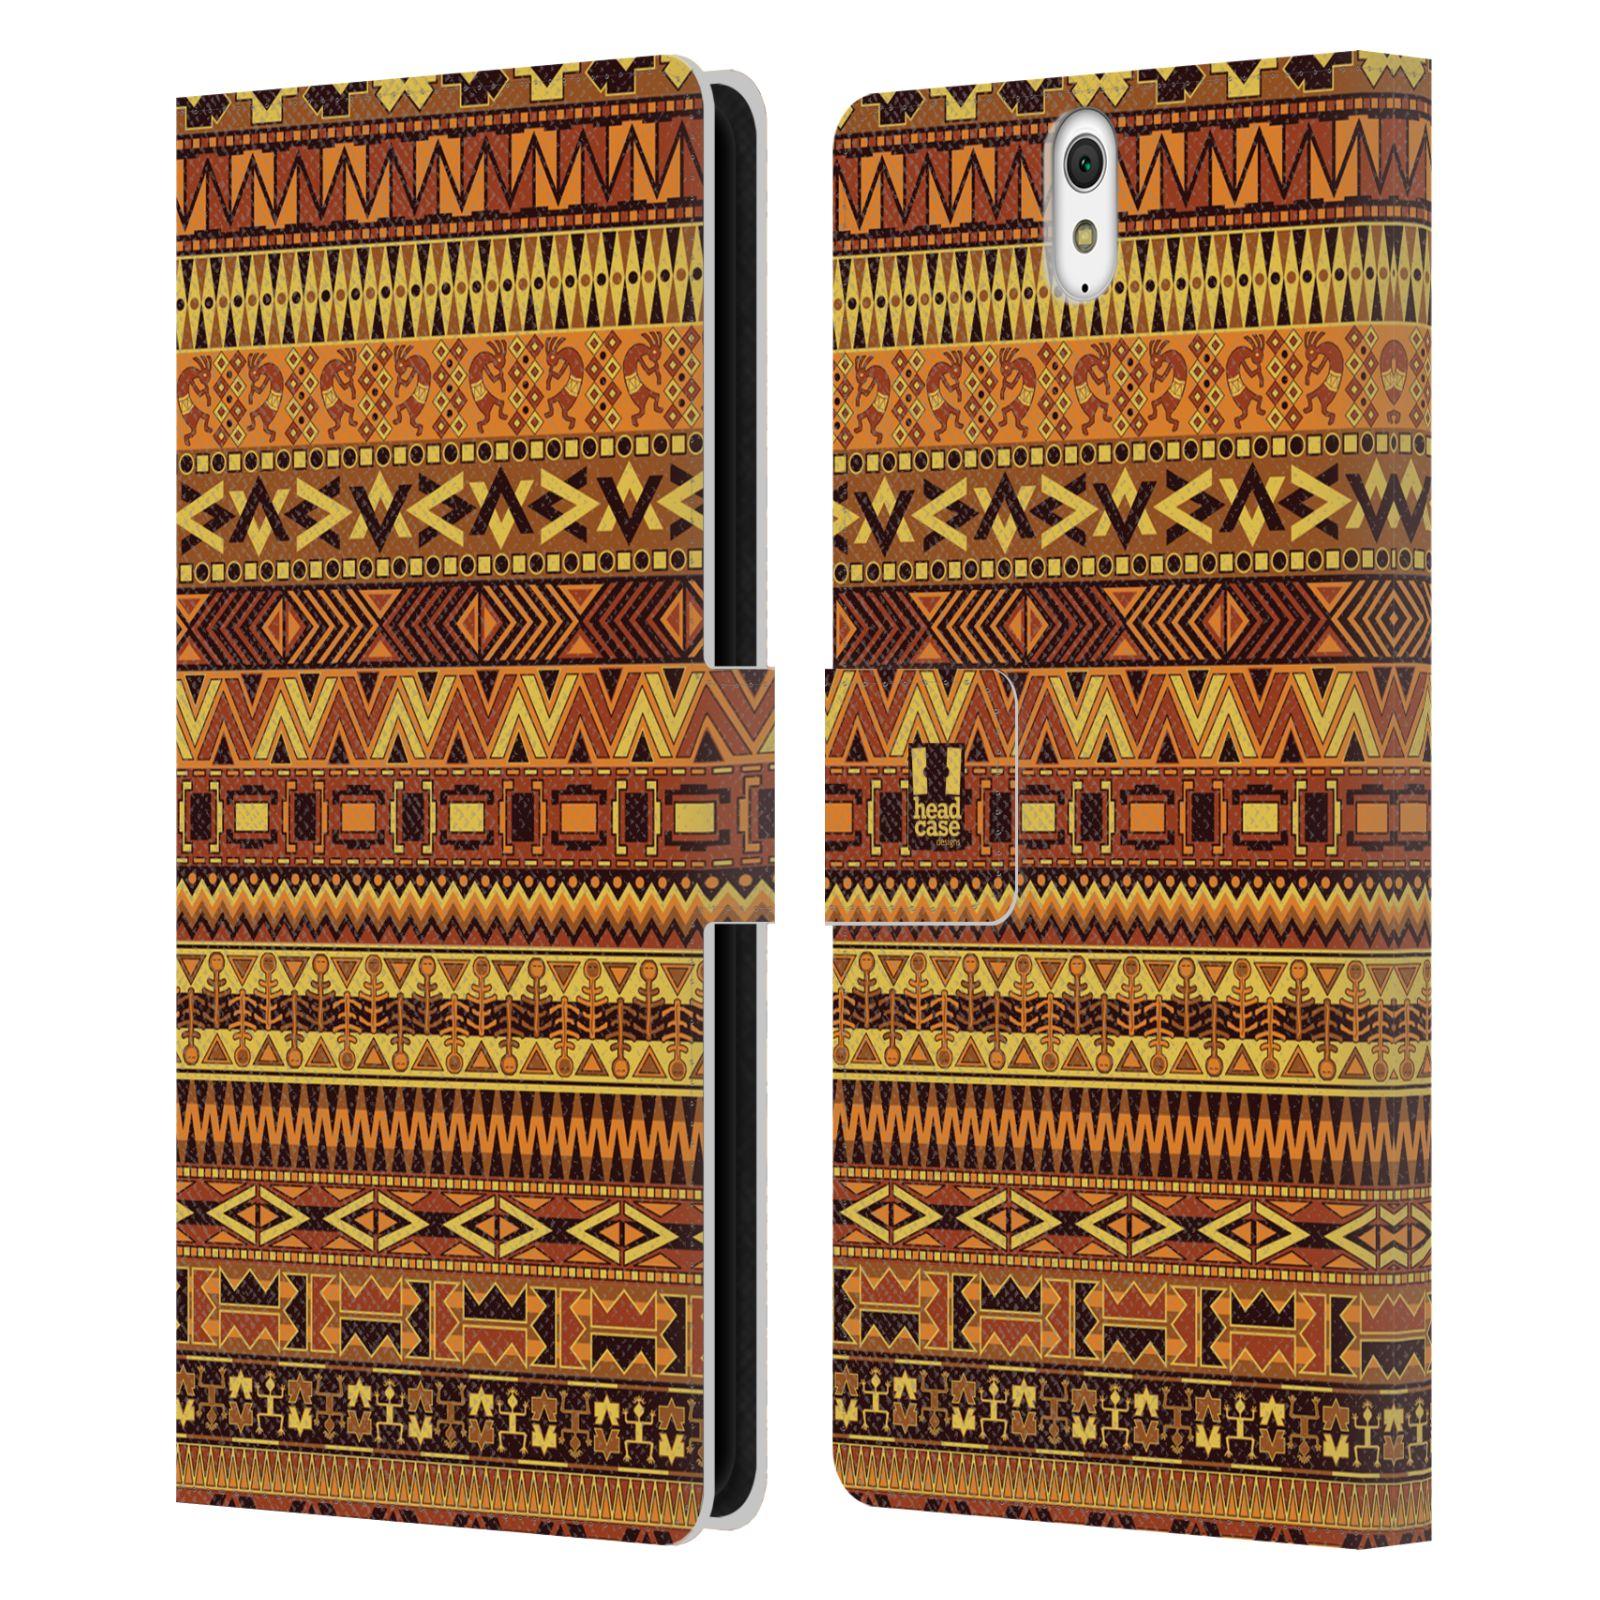 HEAD CASE Flipové pouzdro pro mobil SONY XPERIA C5 Ultra Indiánský vzor YELLOW žlutá